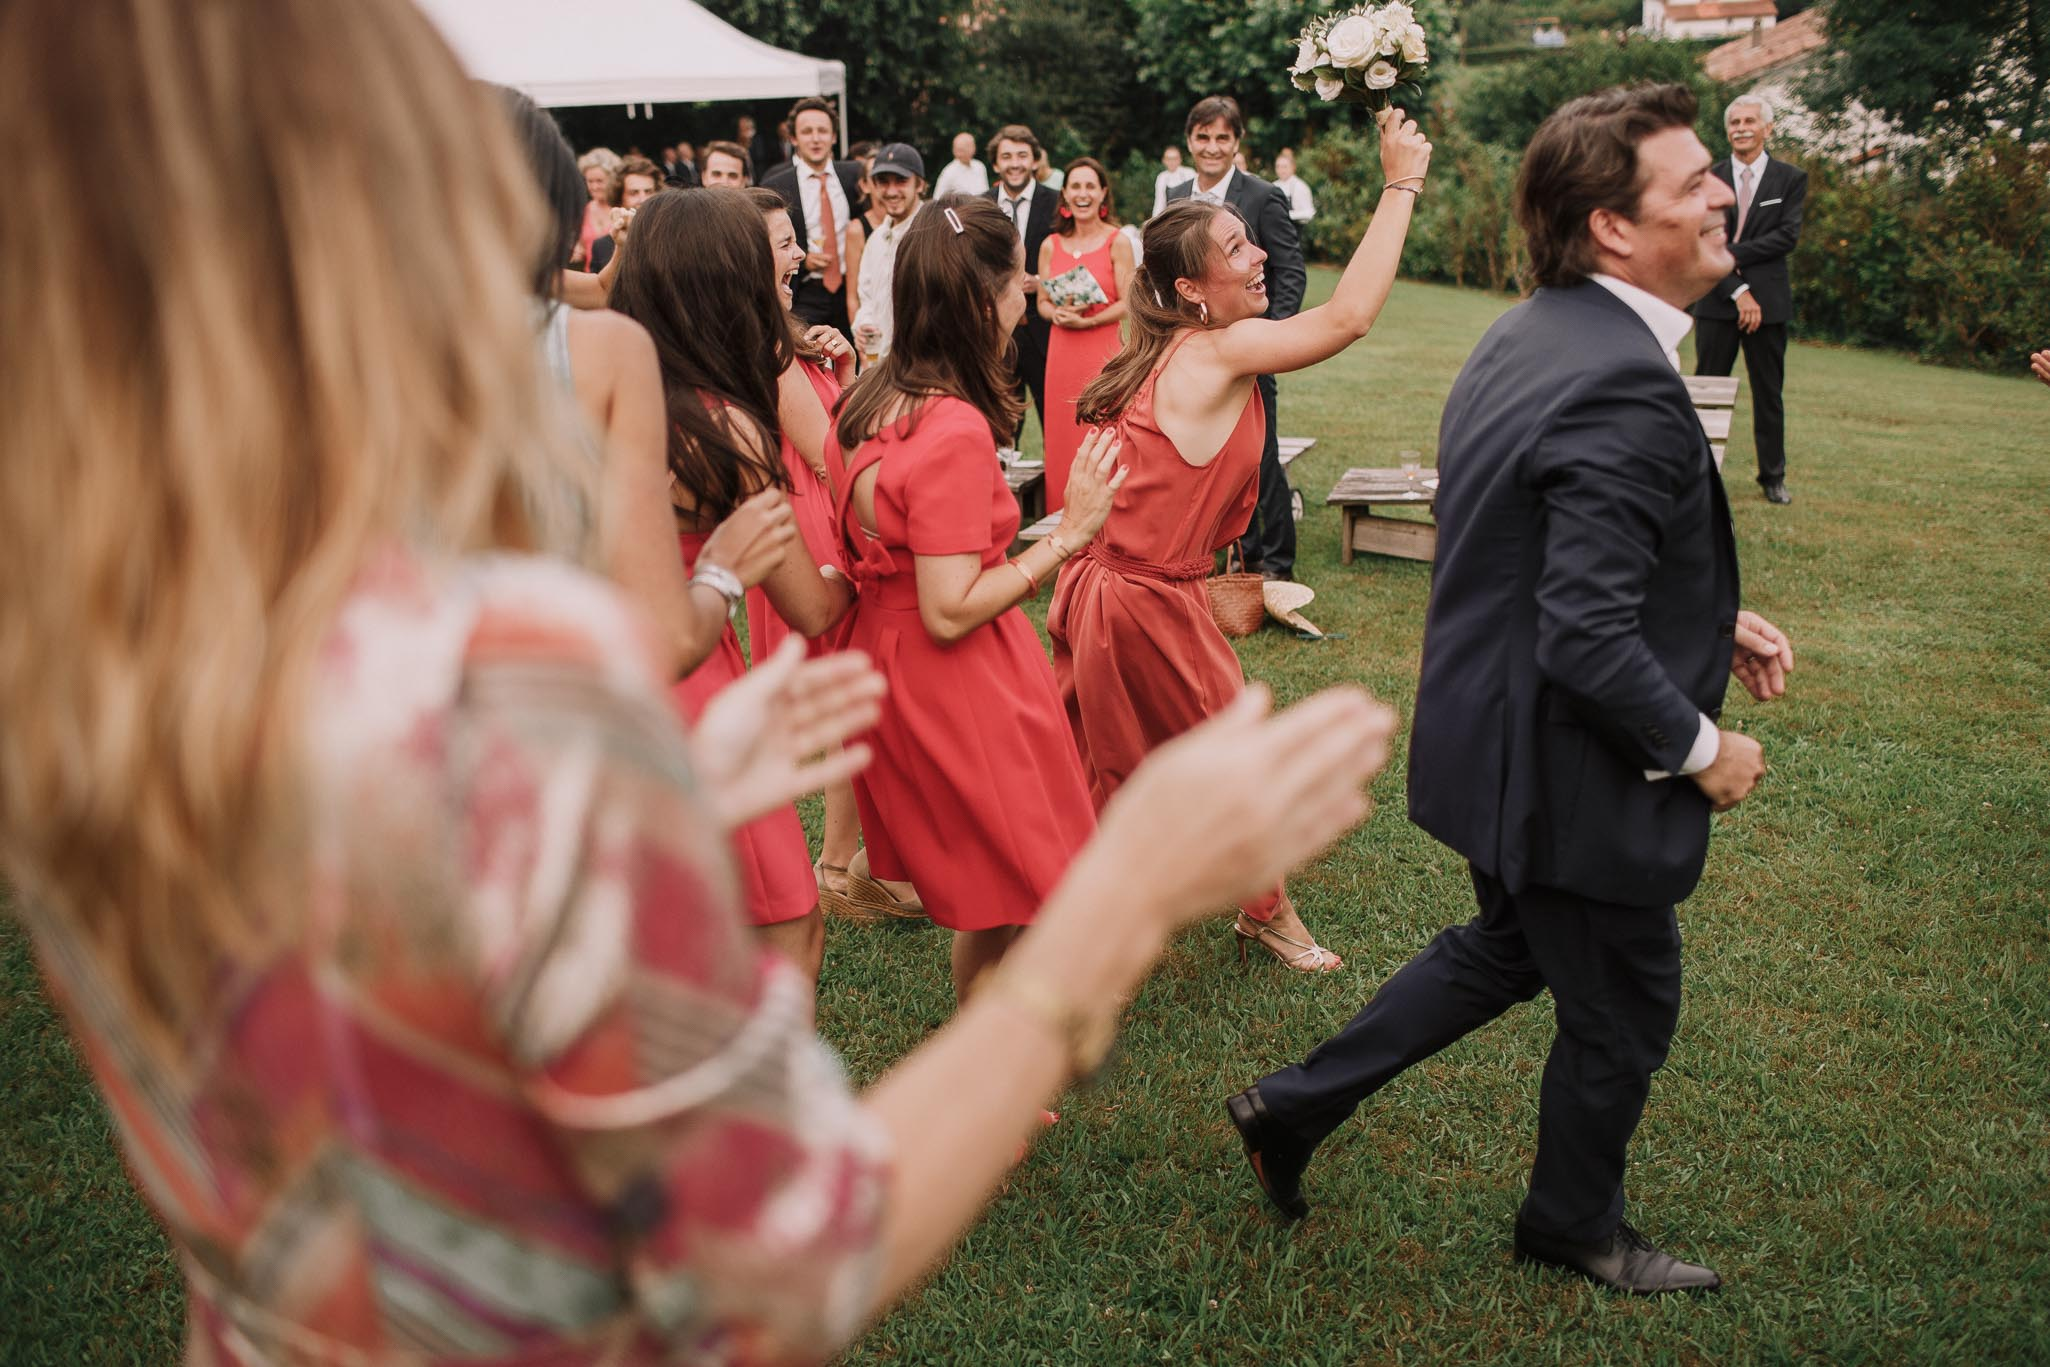 Photographe-mariage-bordeaux-jeremy-boyer-pays-basque-ihartze-artea-sare-robe-eleonore-pauc-couple-amour-138.jpg